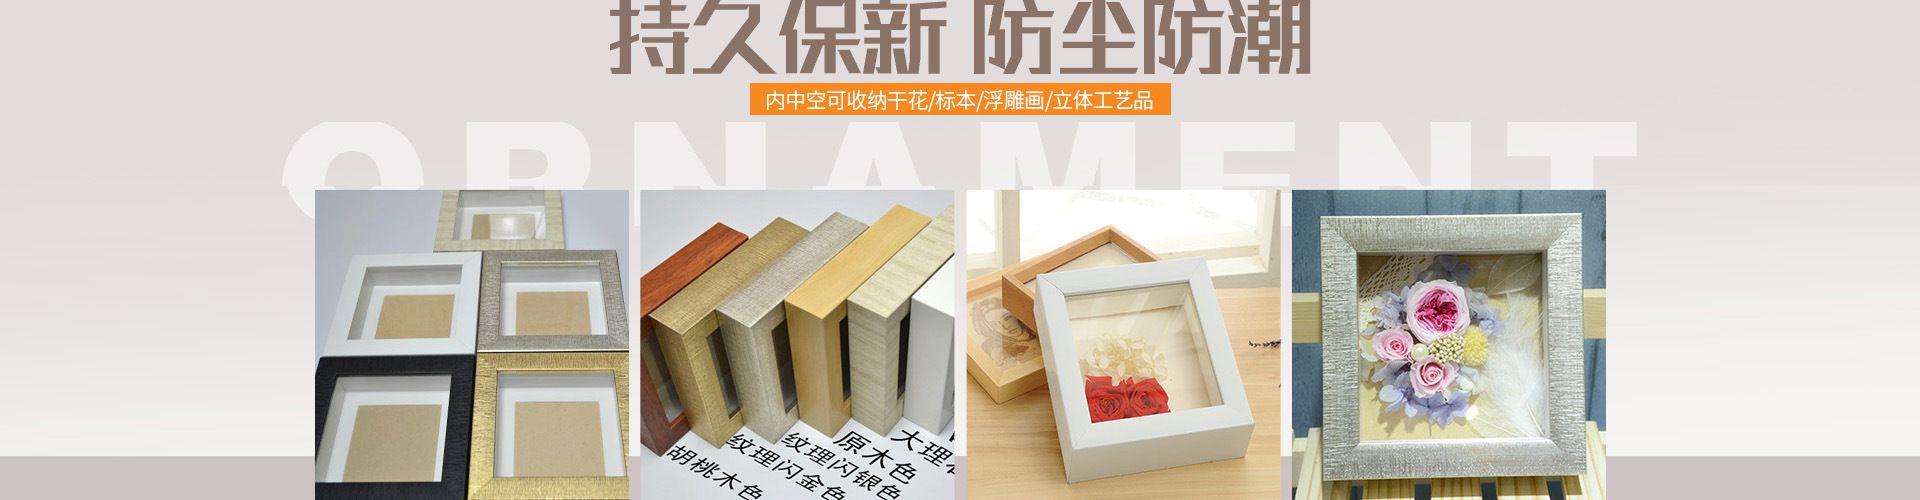 东莞市弘艺相框工艺制品有限公司